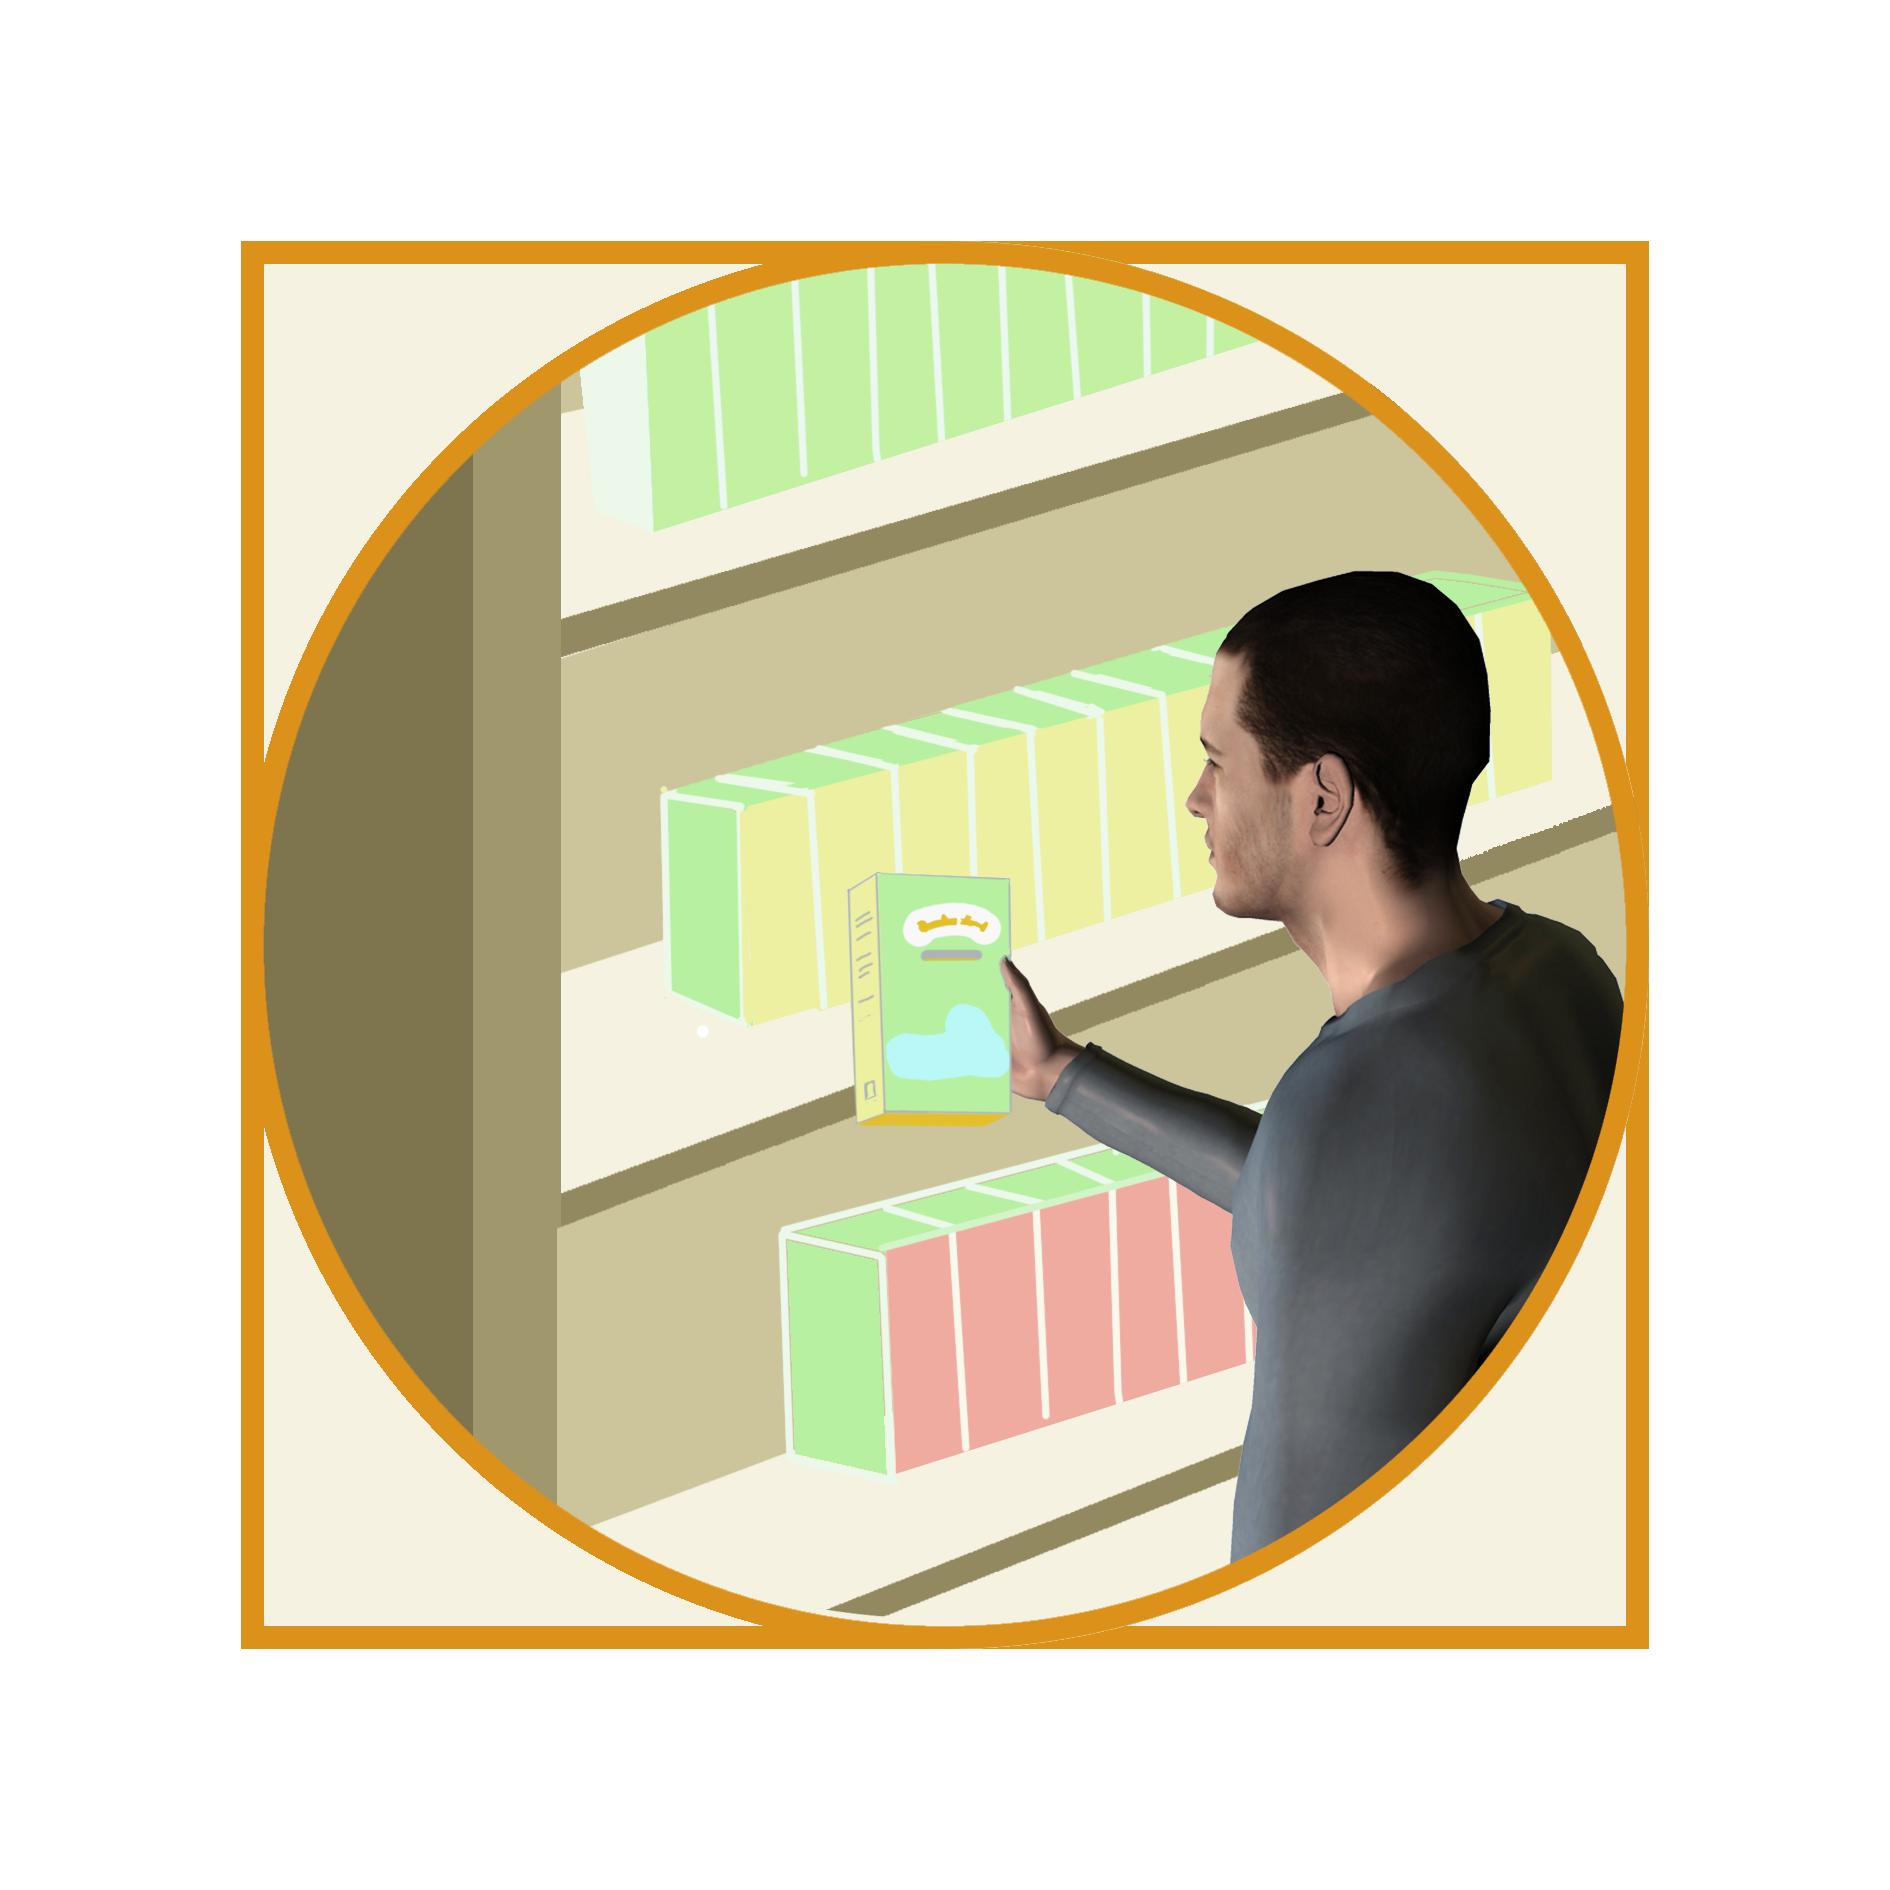 El usuario compra un producto en promoción y participa en ella